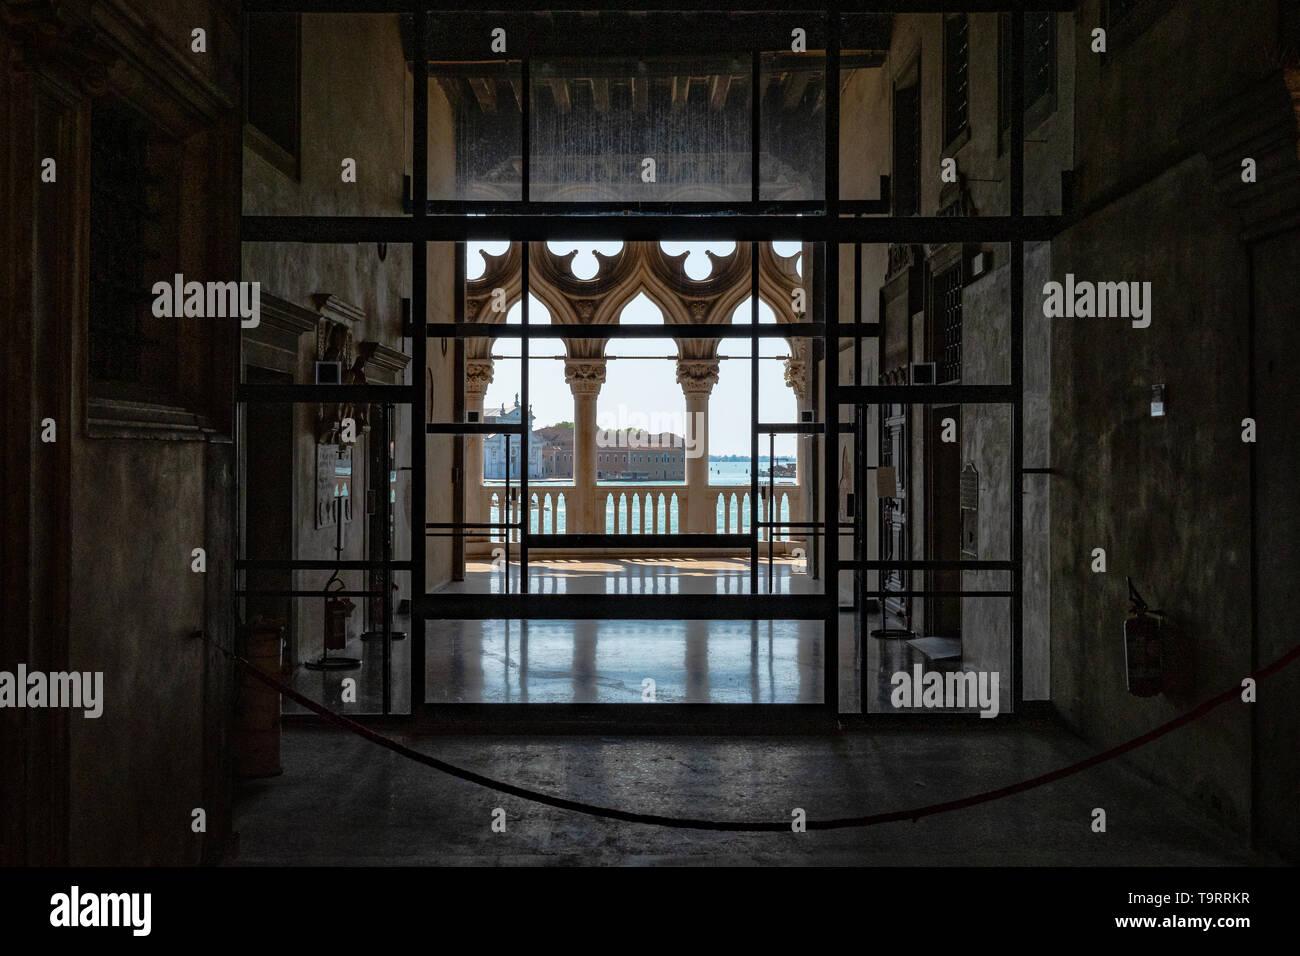 Venise, Italie - 18 avril 2019 Vue de Venise depuis l'intérieur du Palais des Doges par jour Banque D'Images